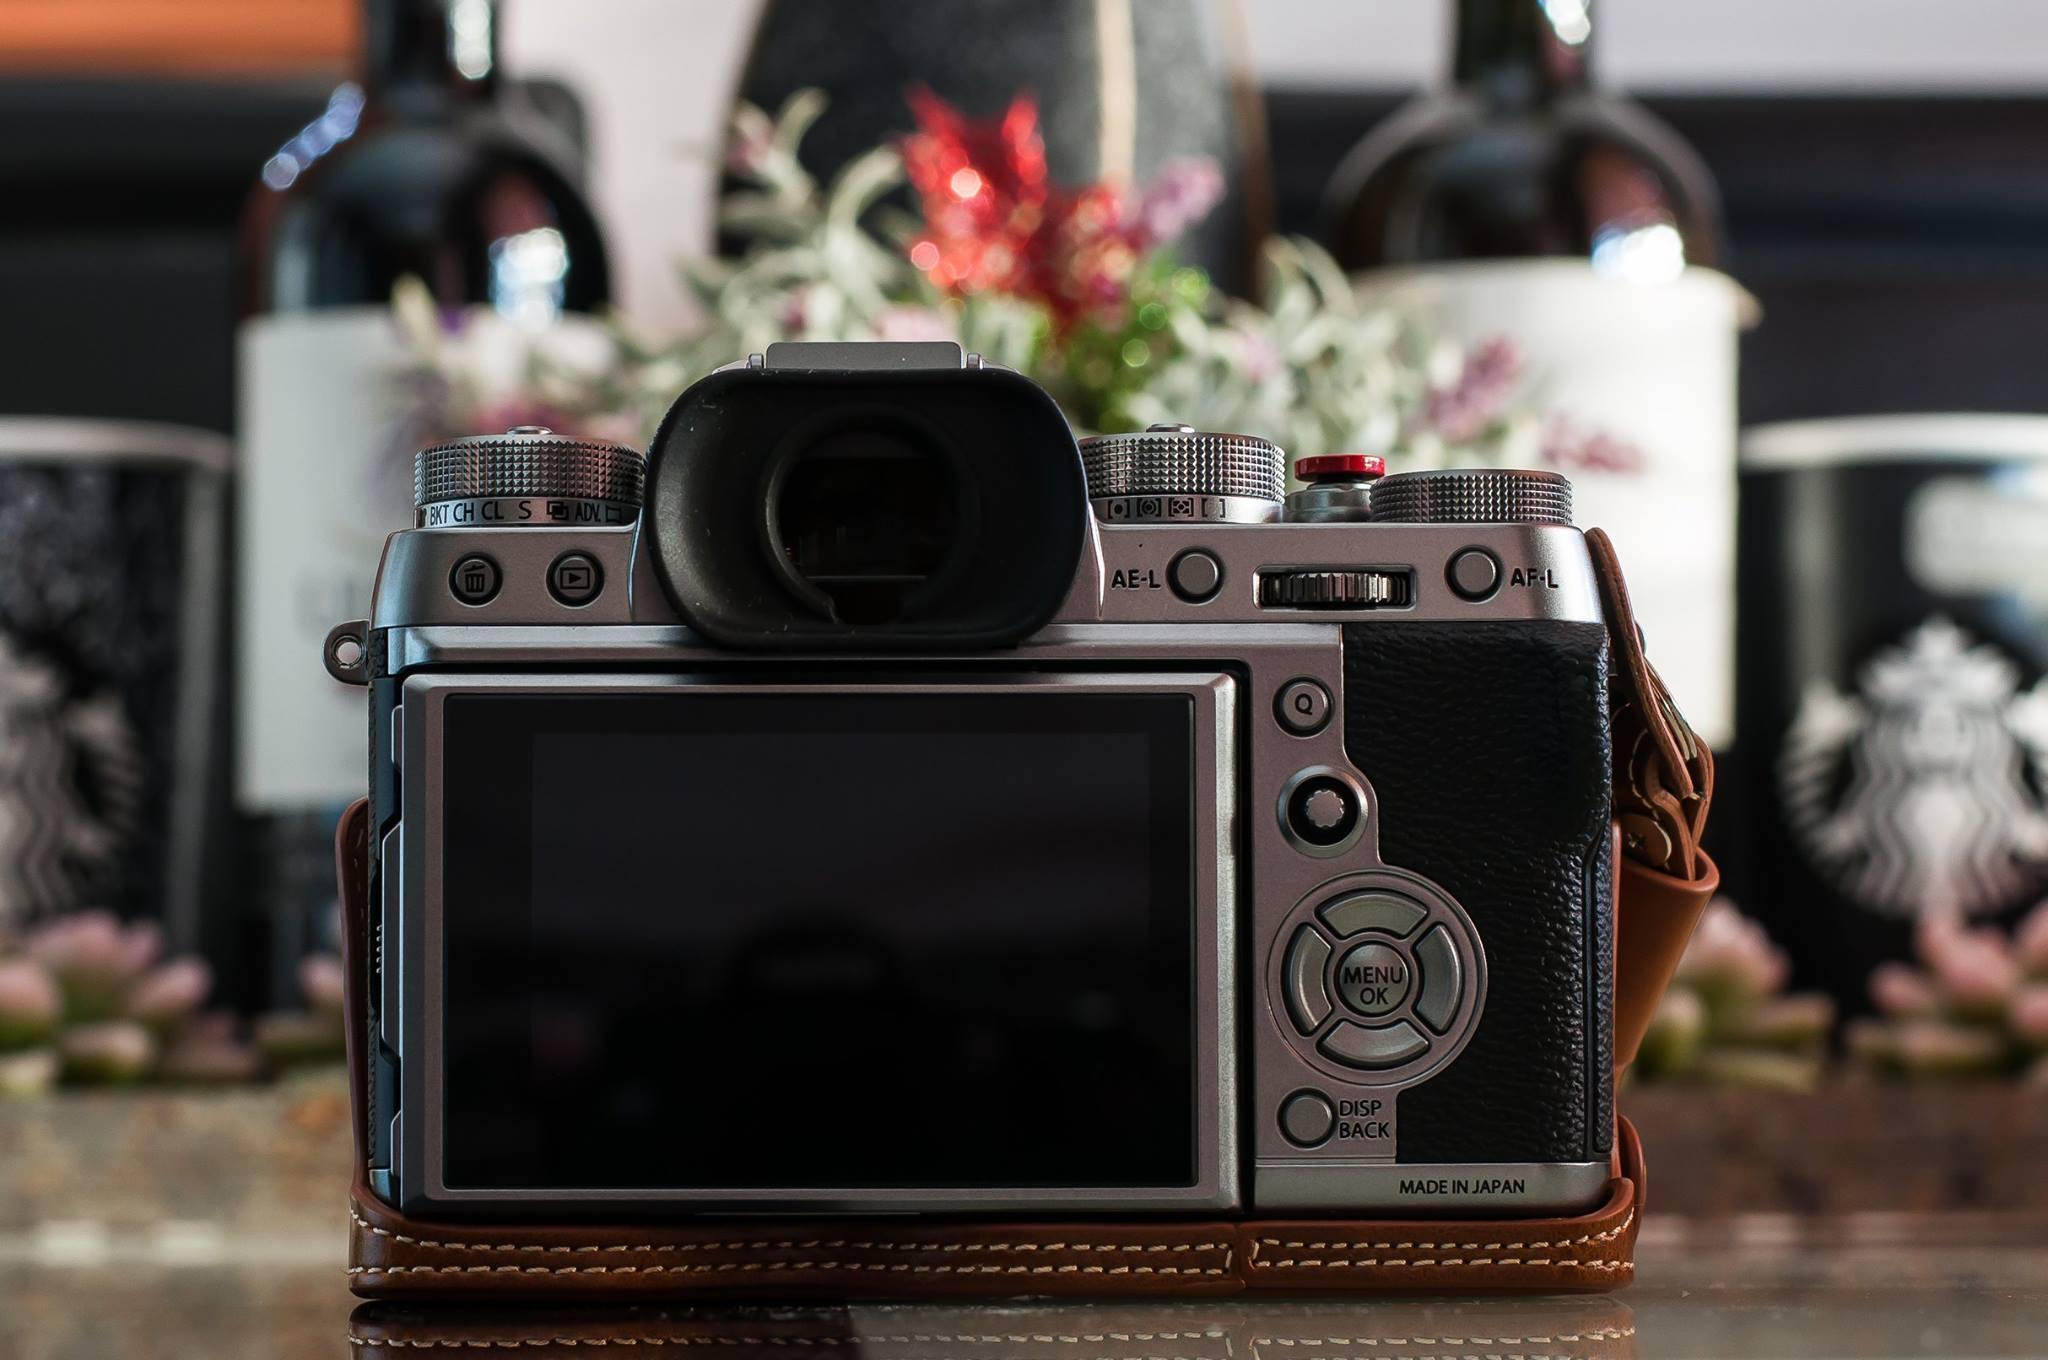 Fujifilm X-T2 Graphite Edition